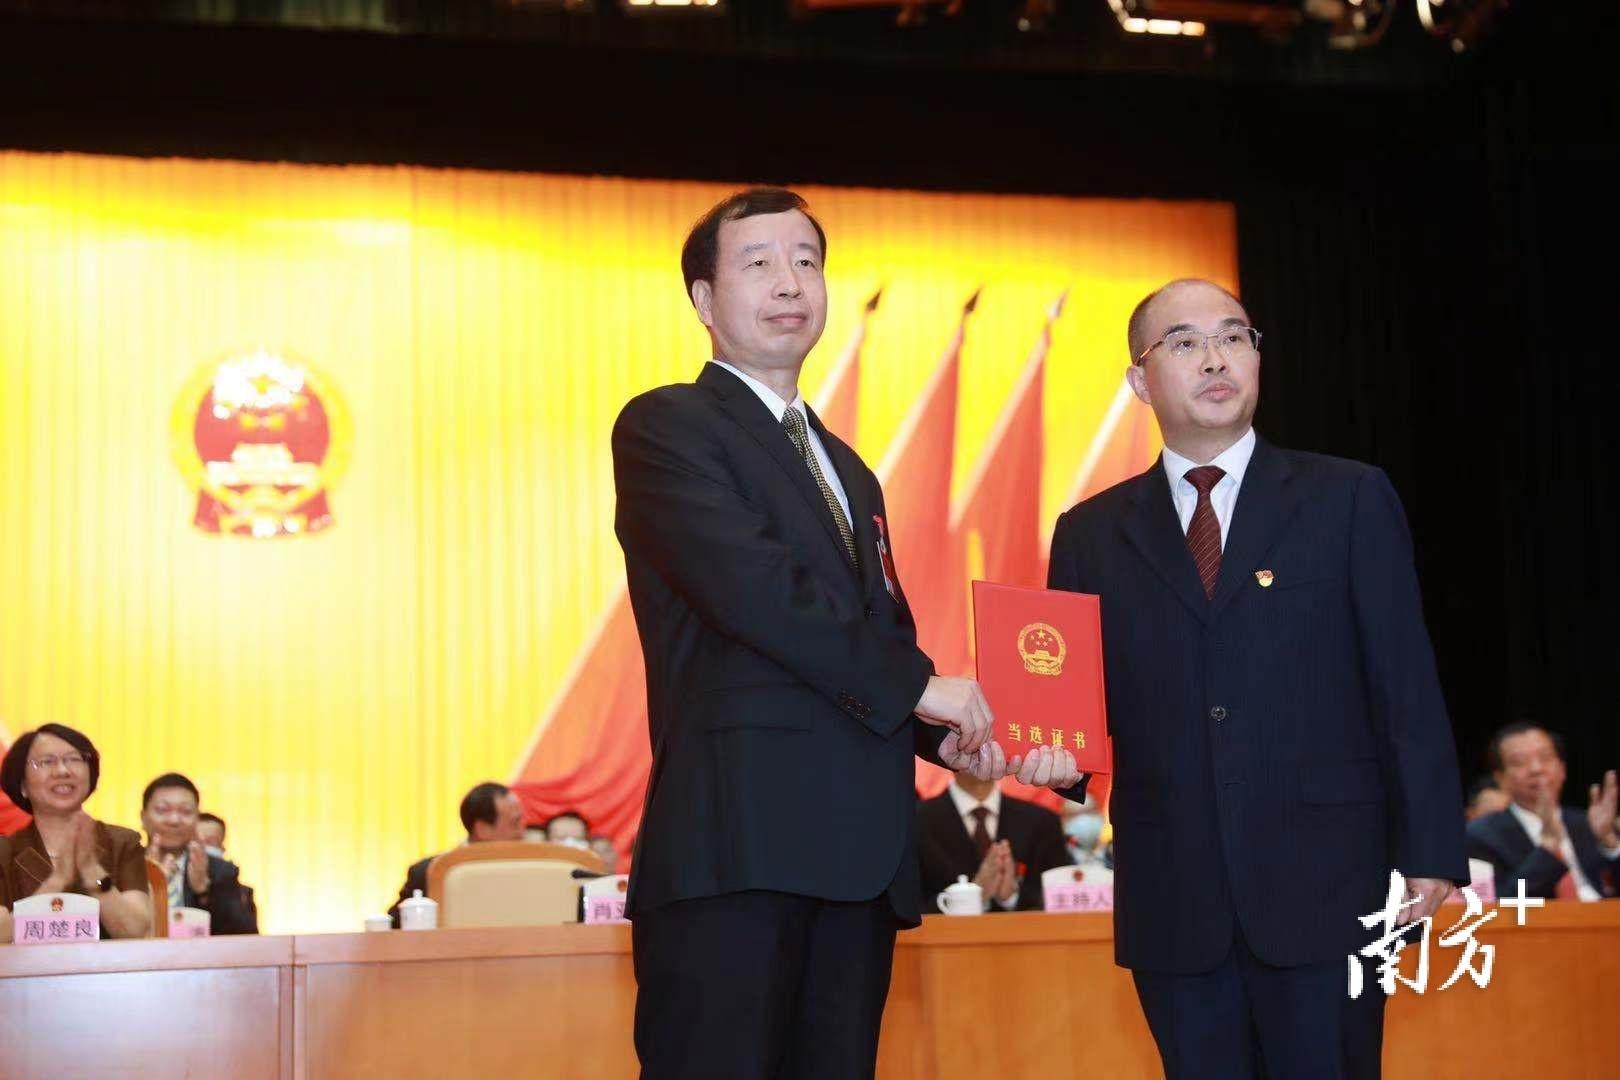 冯国华当选为东莞市监察委员会主任